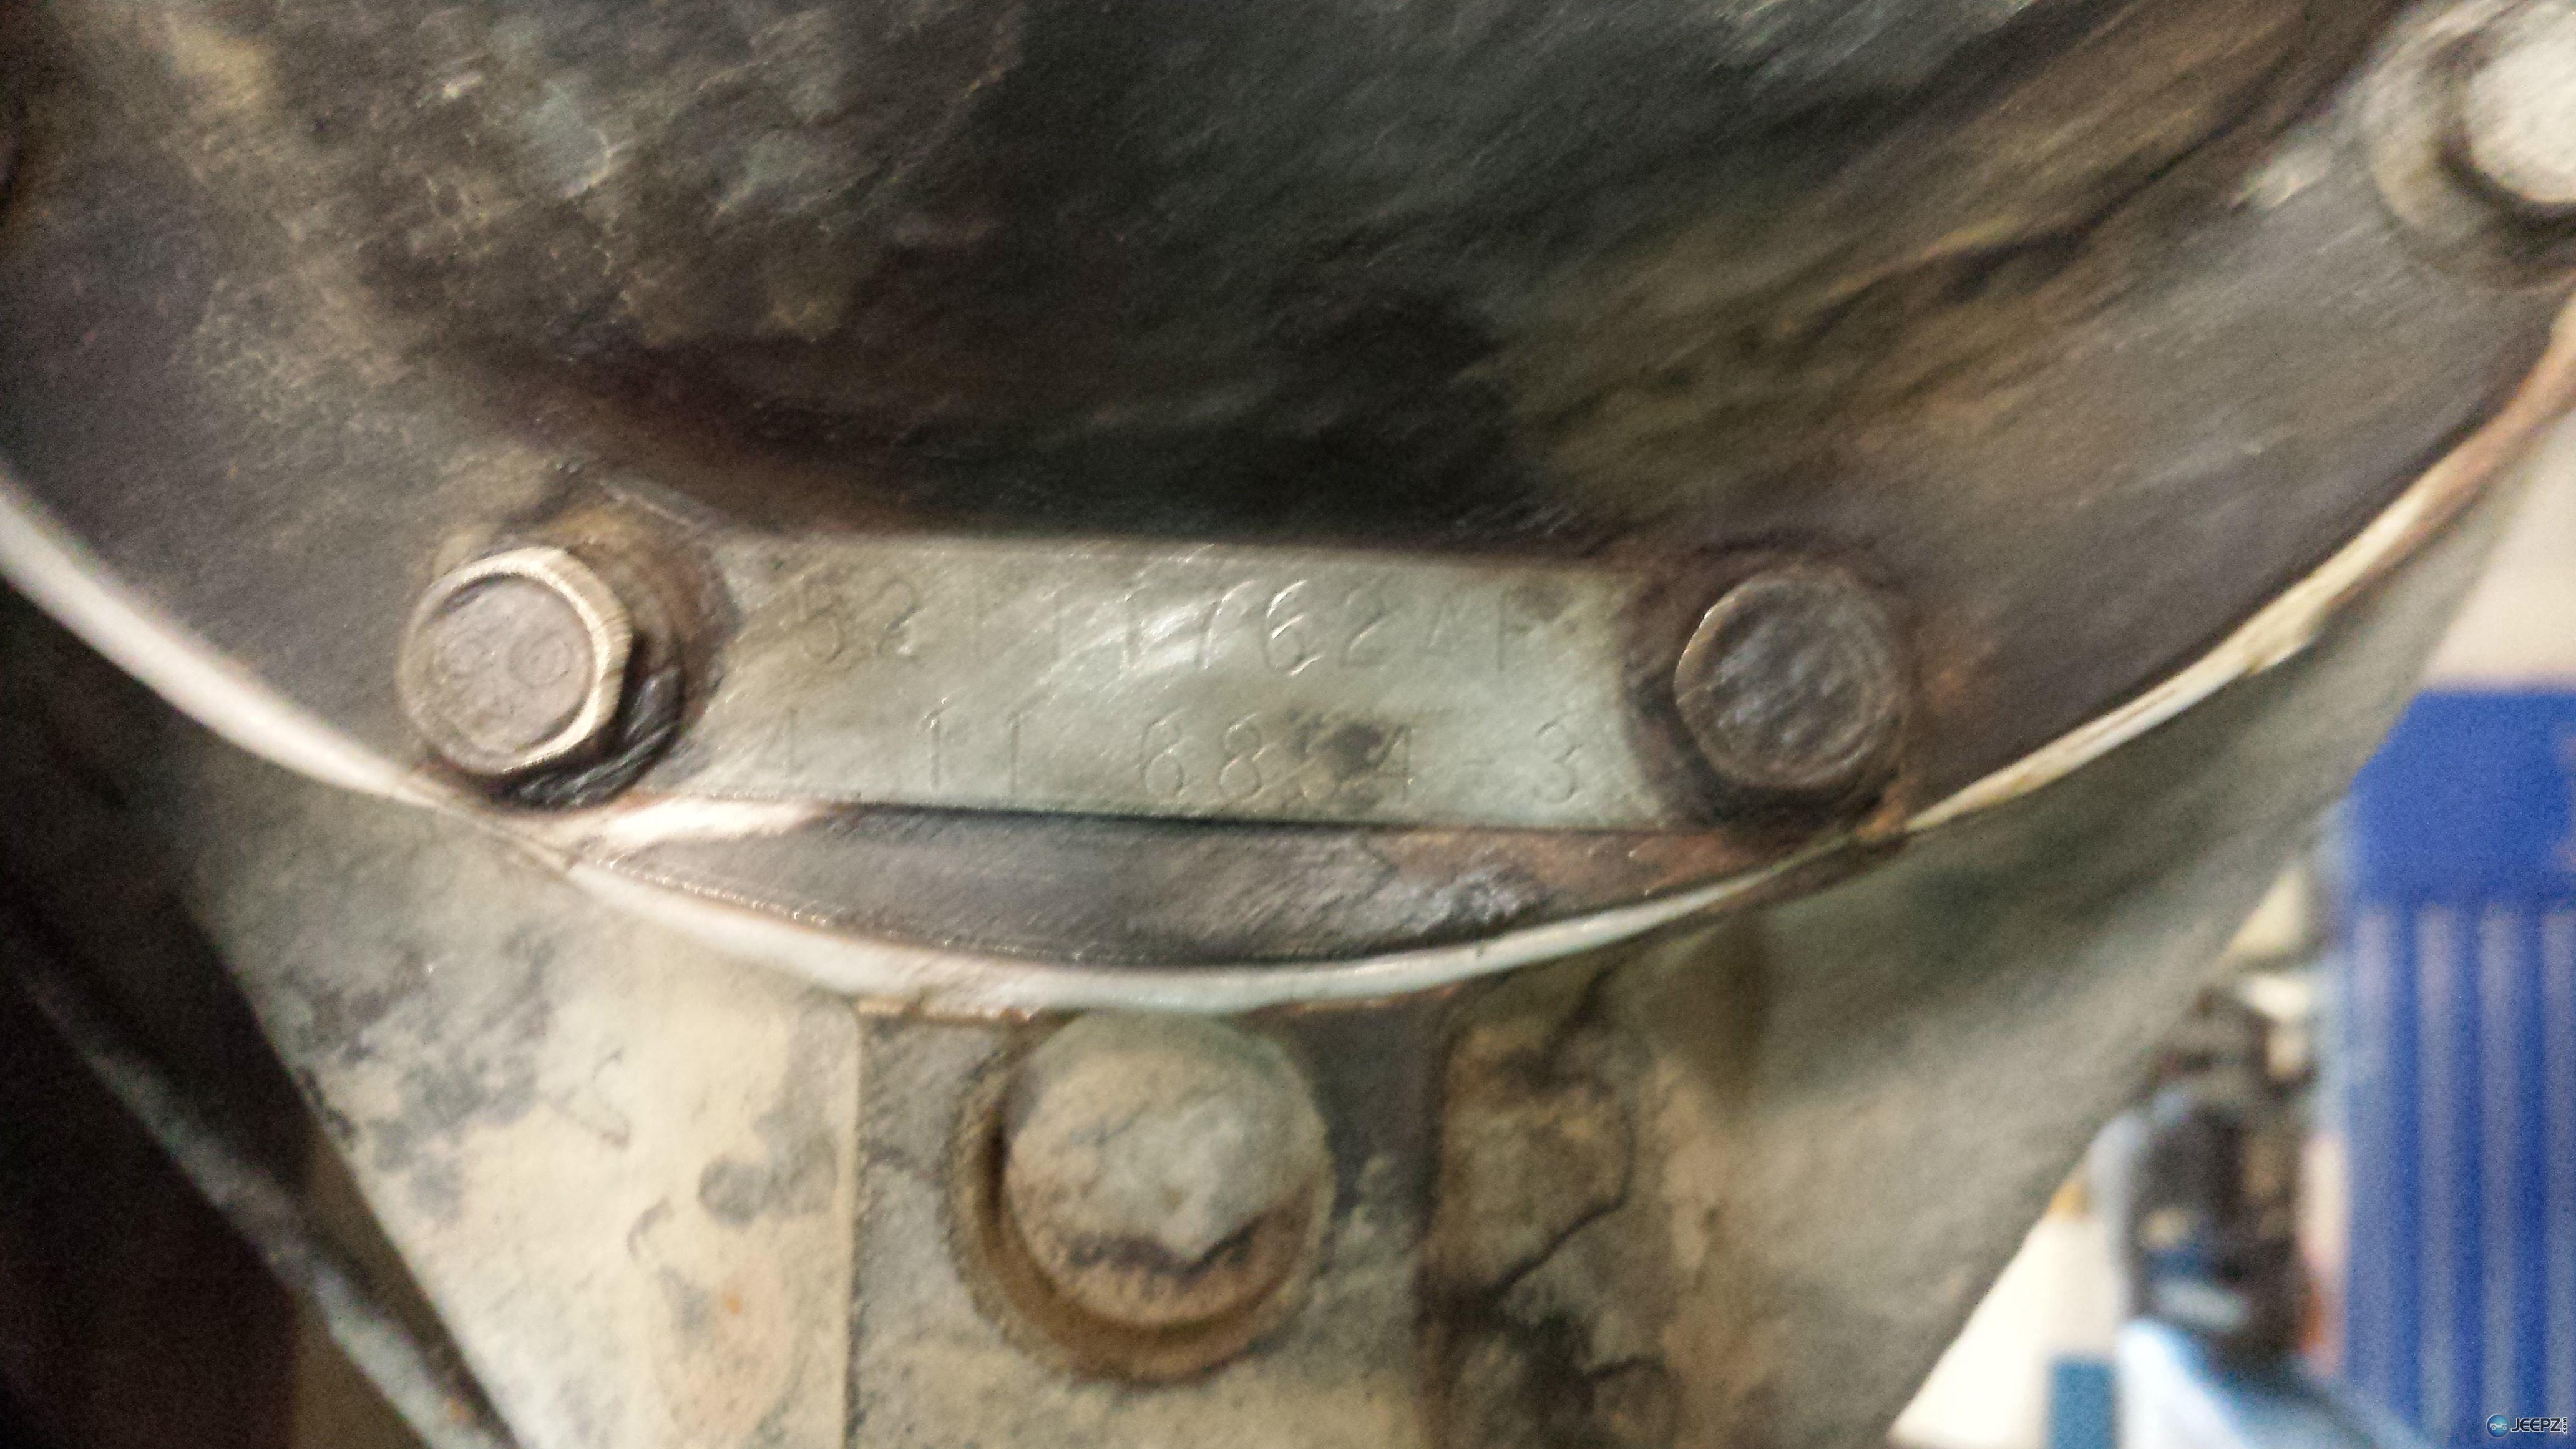 Axle Identification